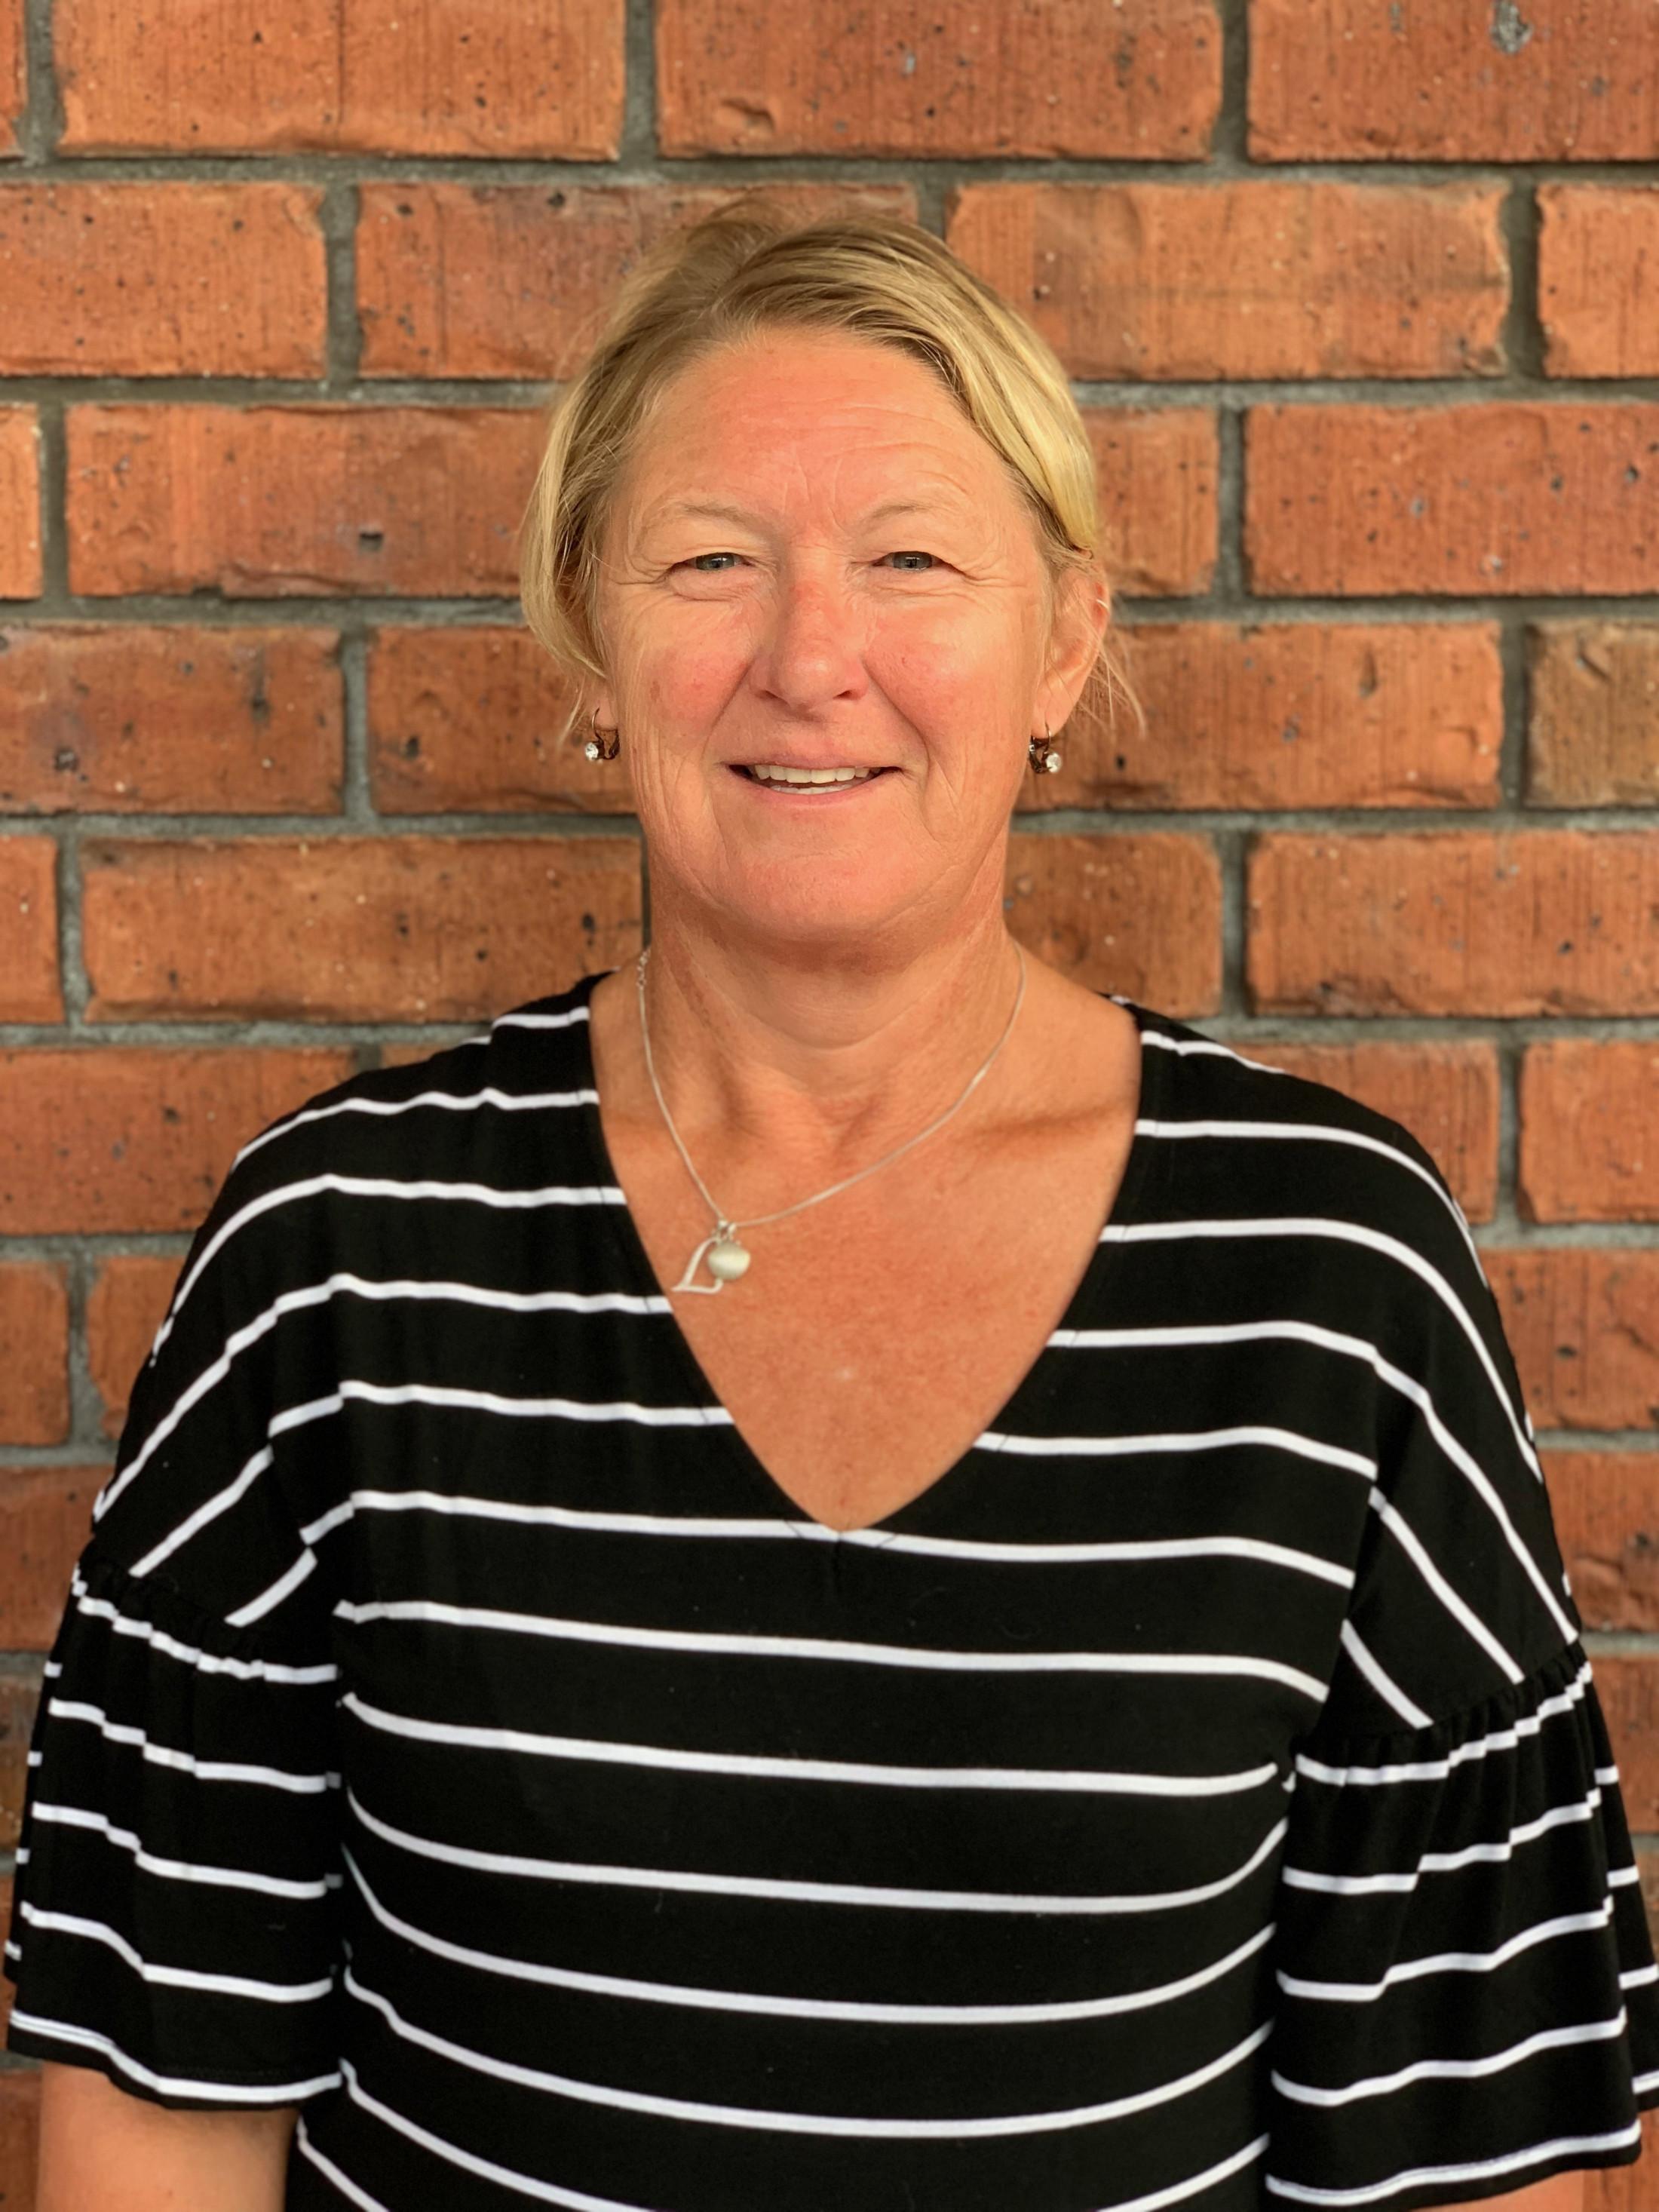 Lisa Morse